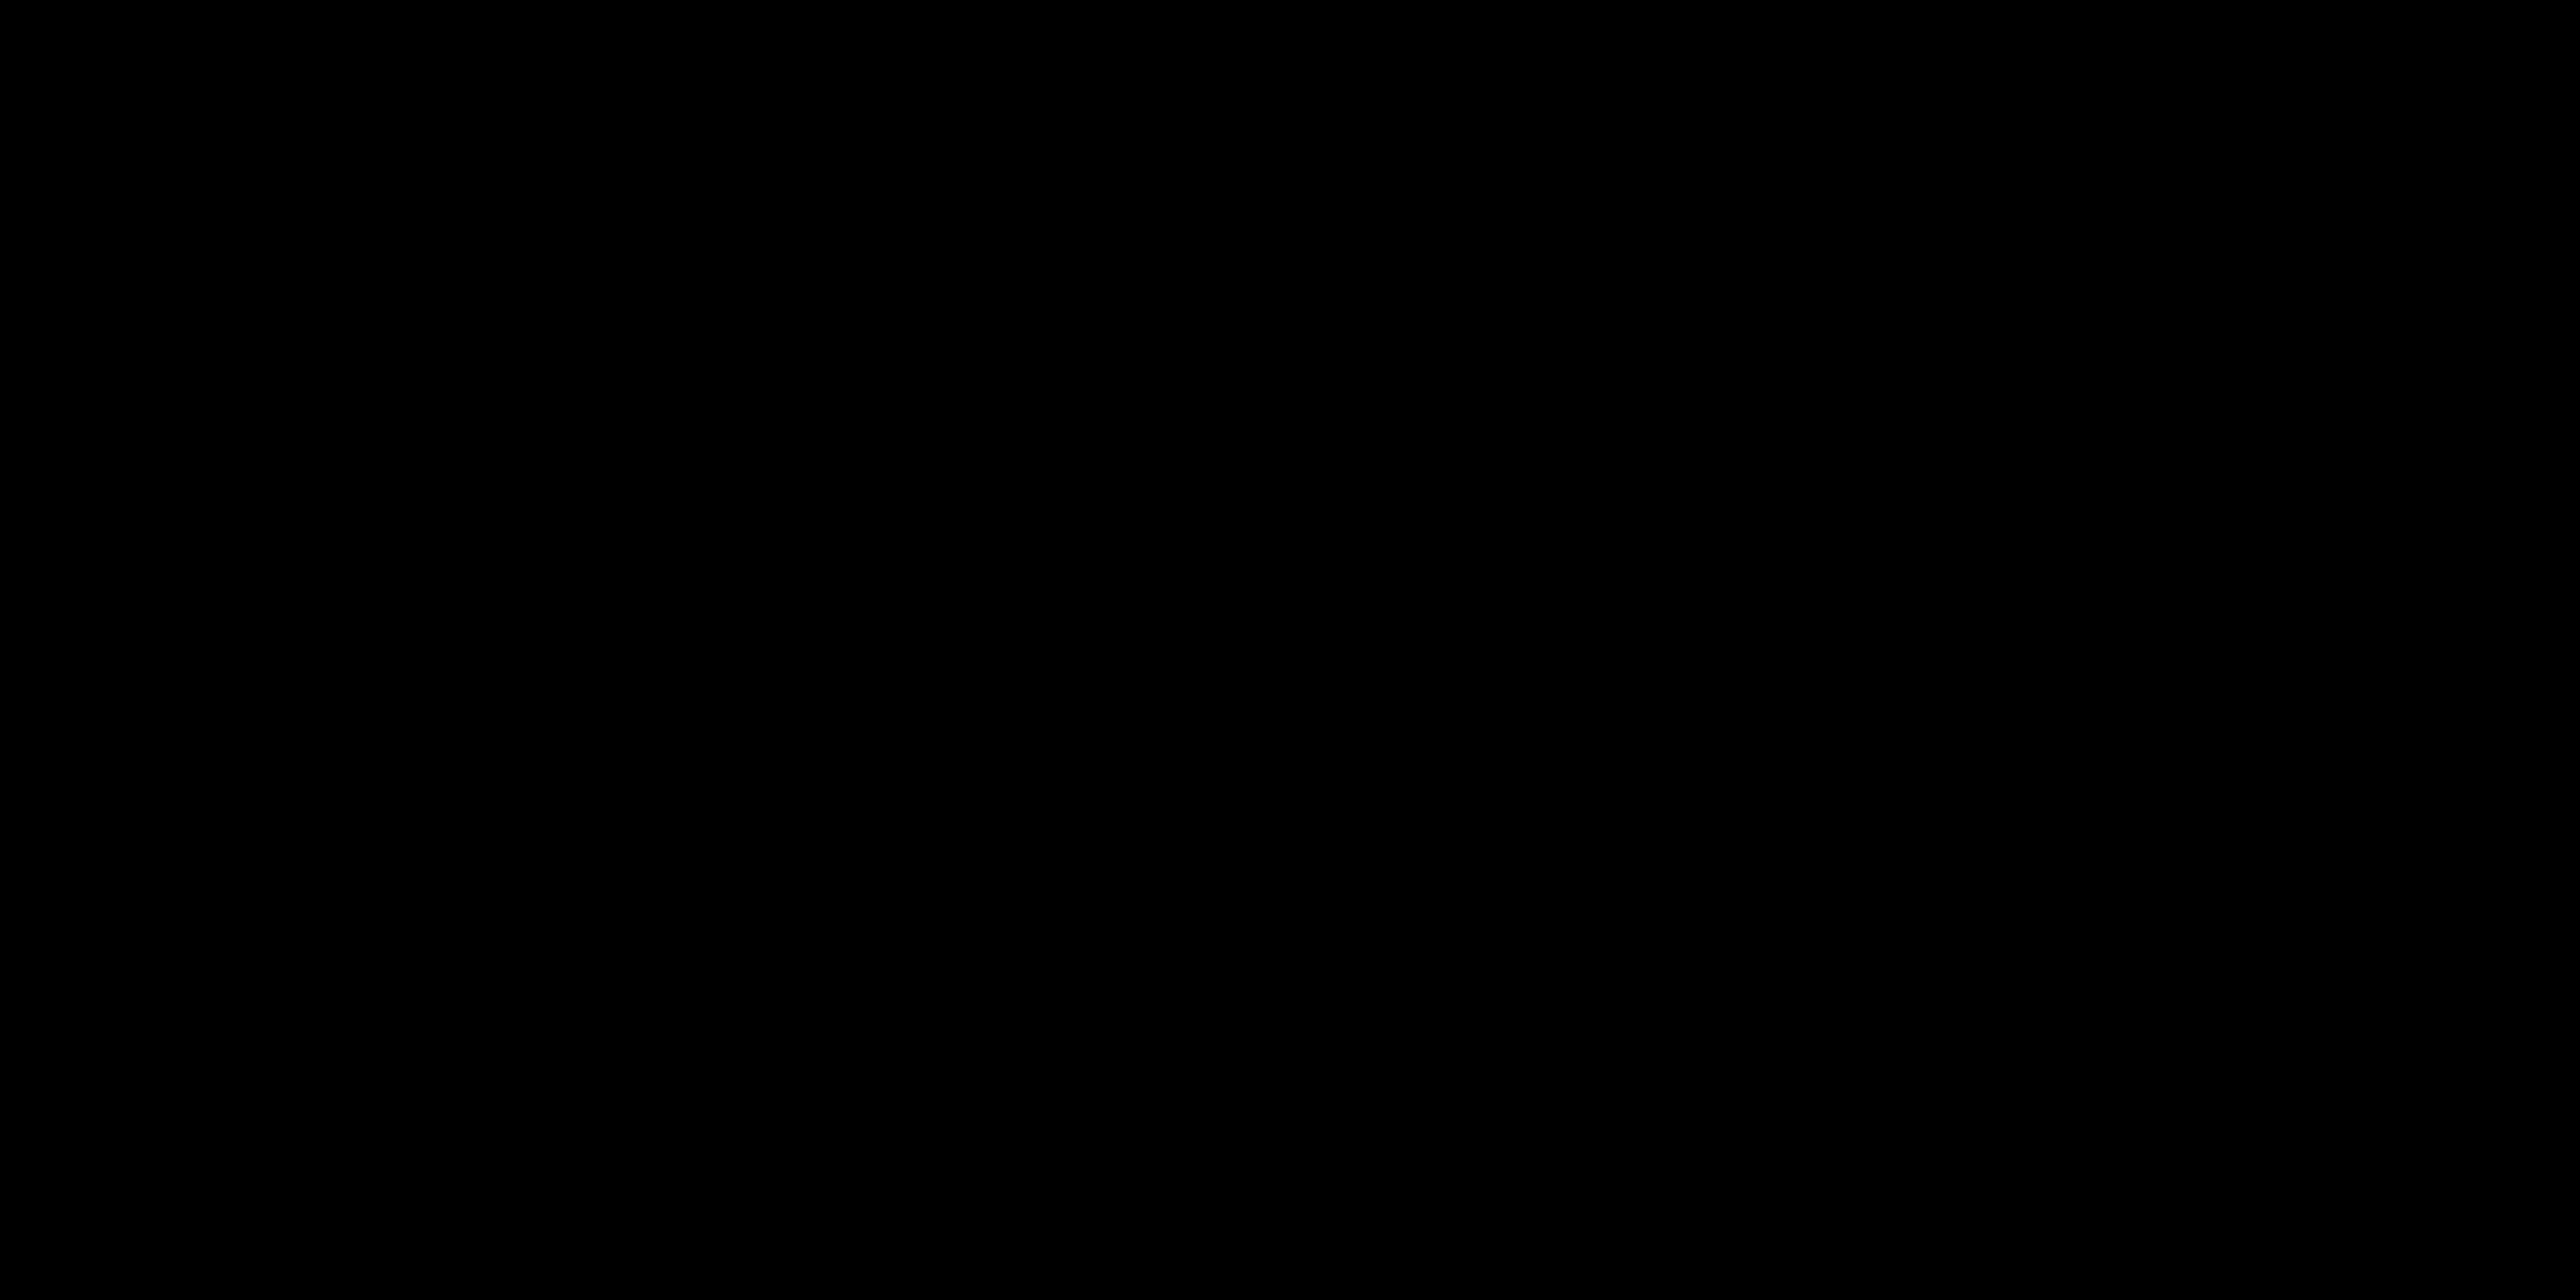 плакат фильма локализованные биллборды Успеть за 30 минут